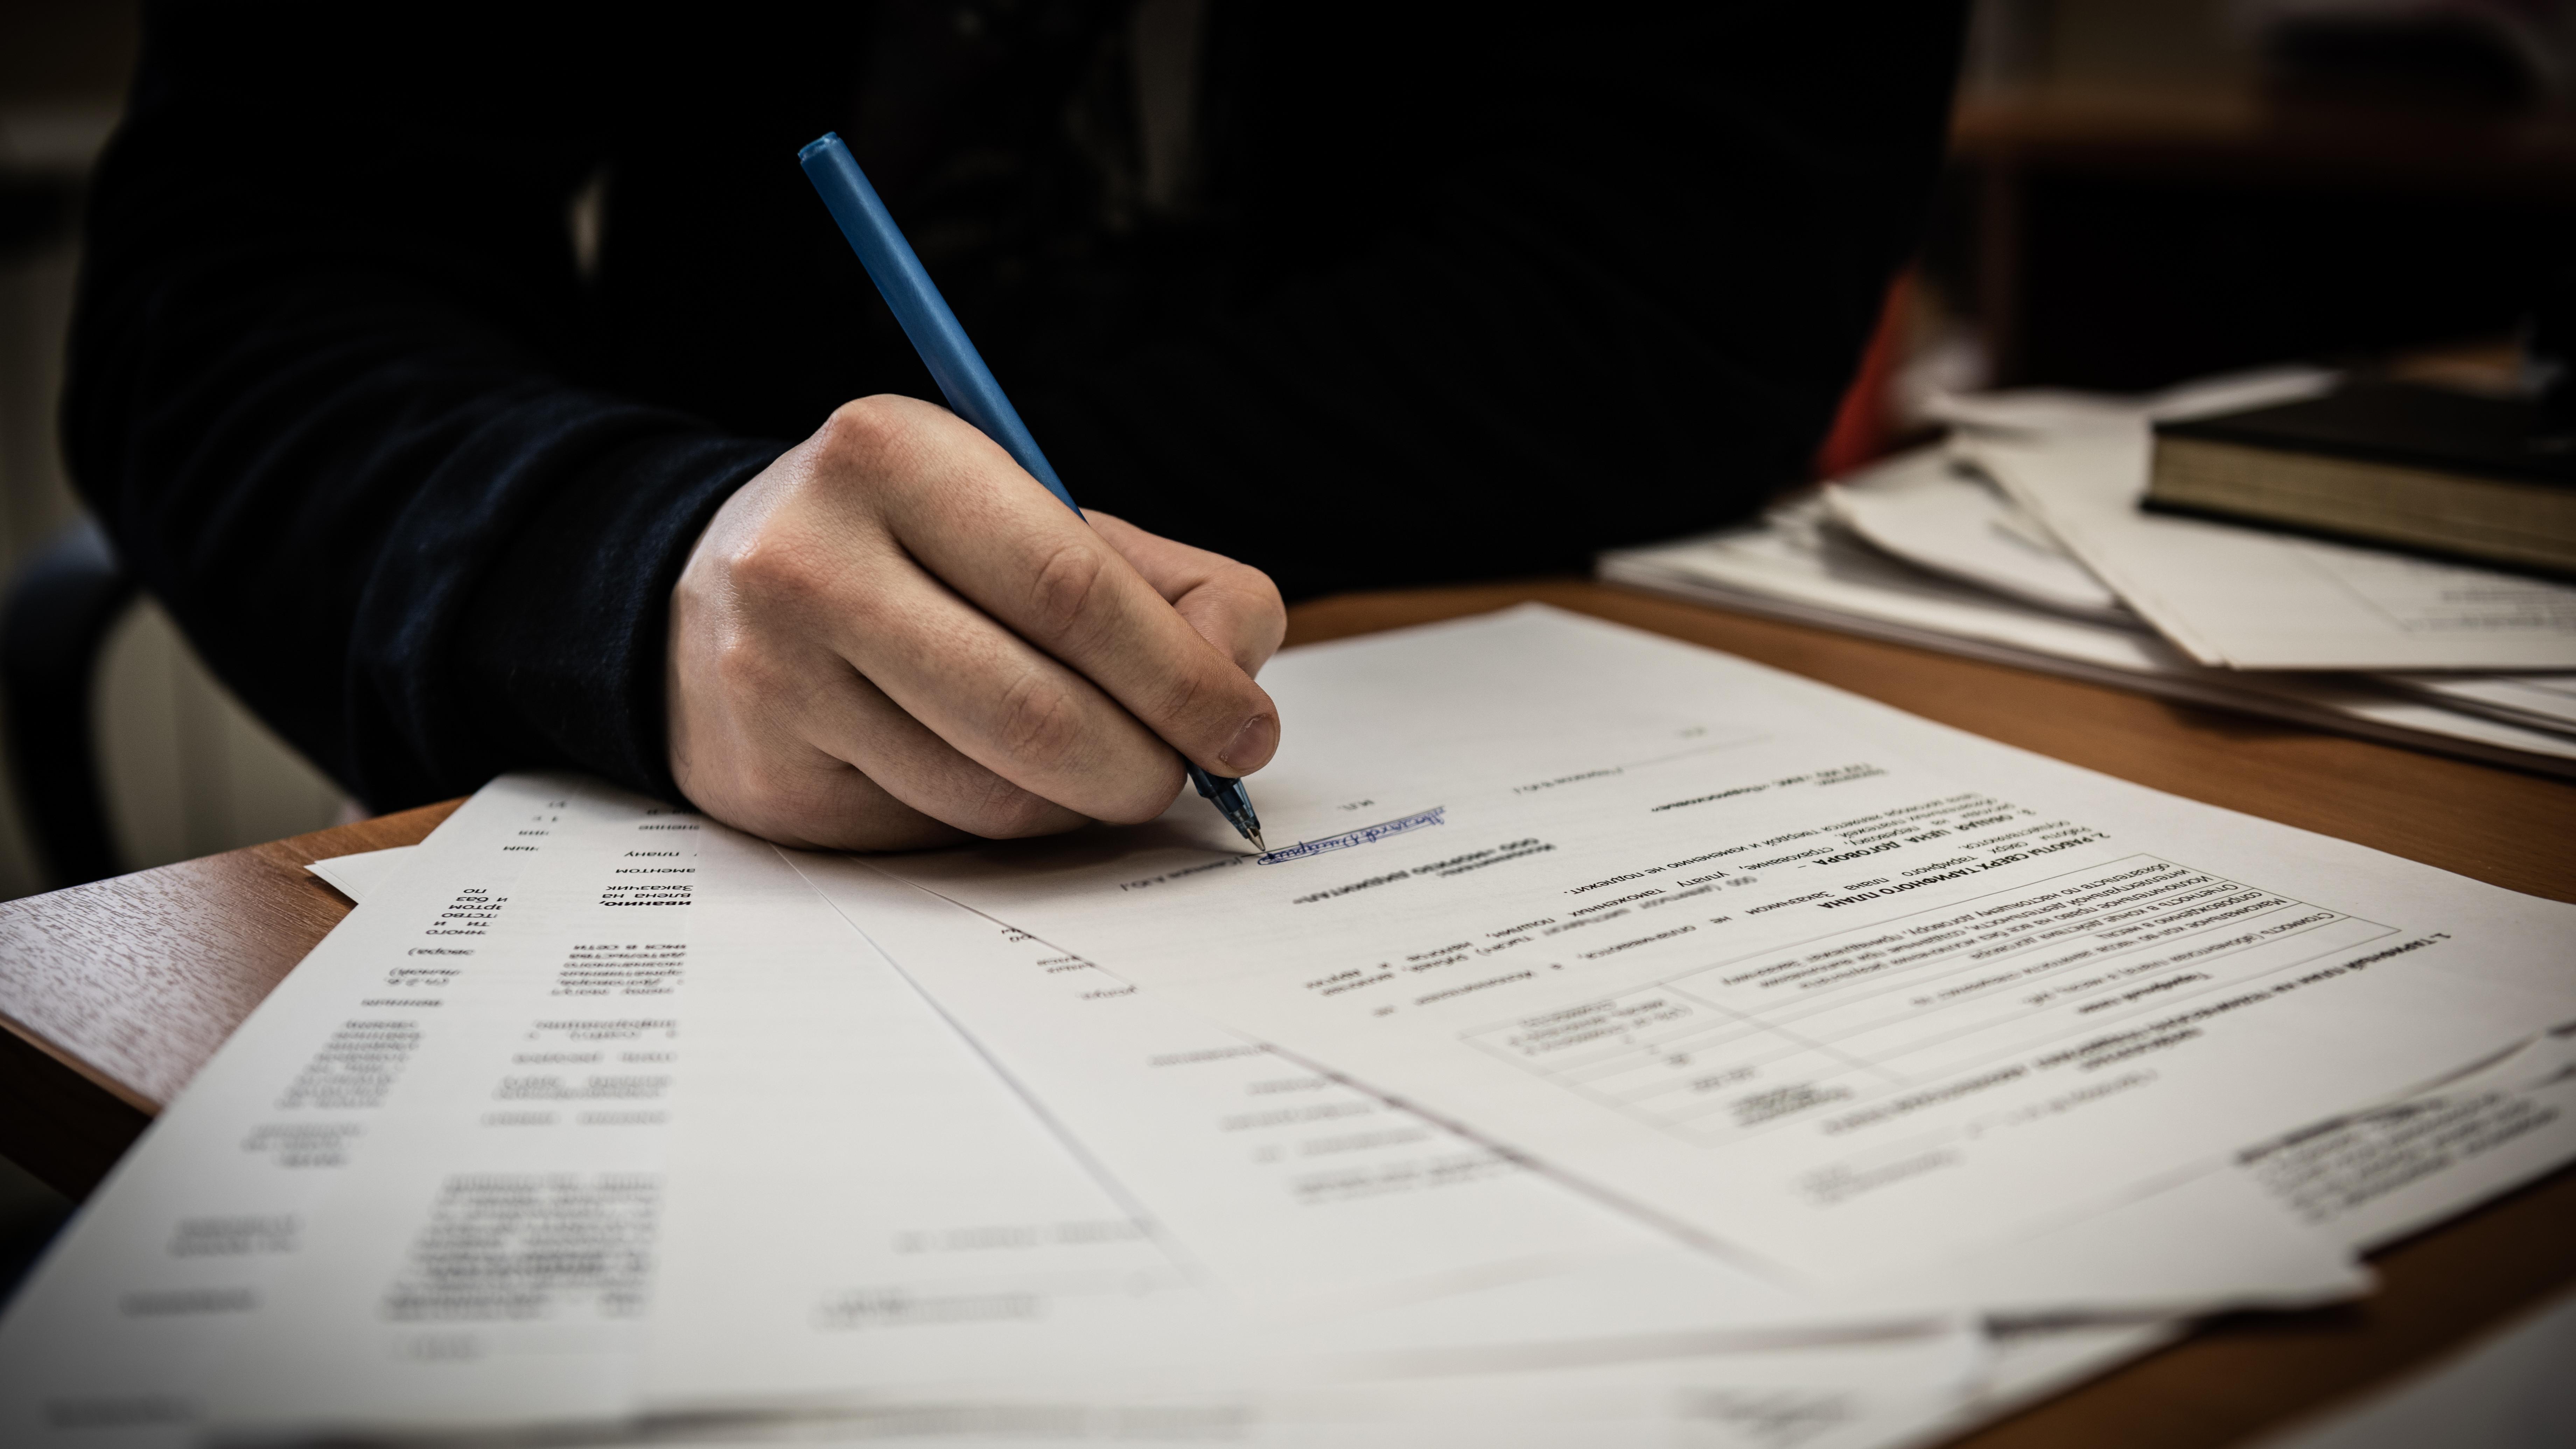 В Подмосковье пополнился реестр лиц, уволенных в связи с утратой доверия